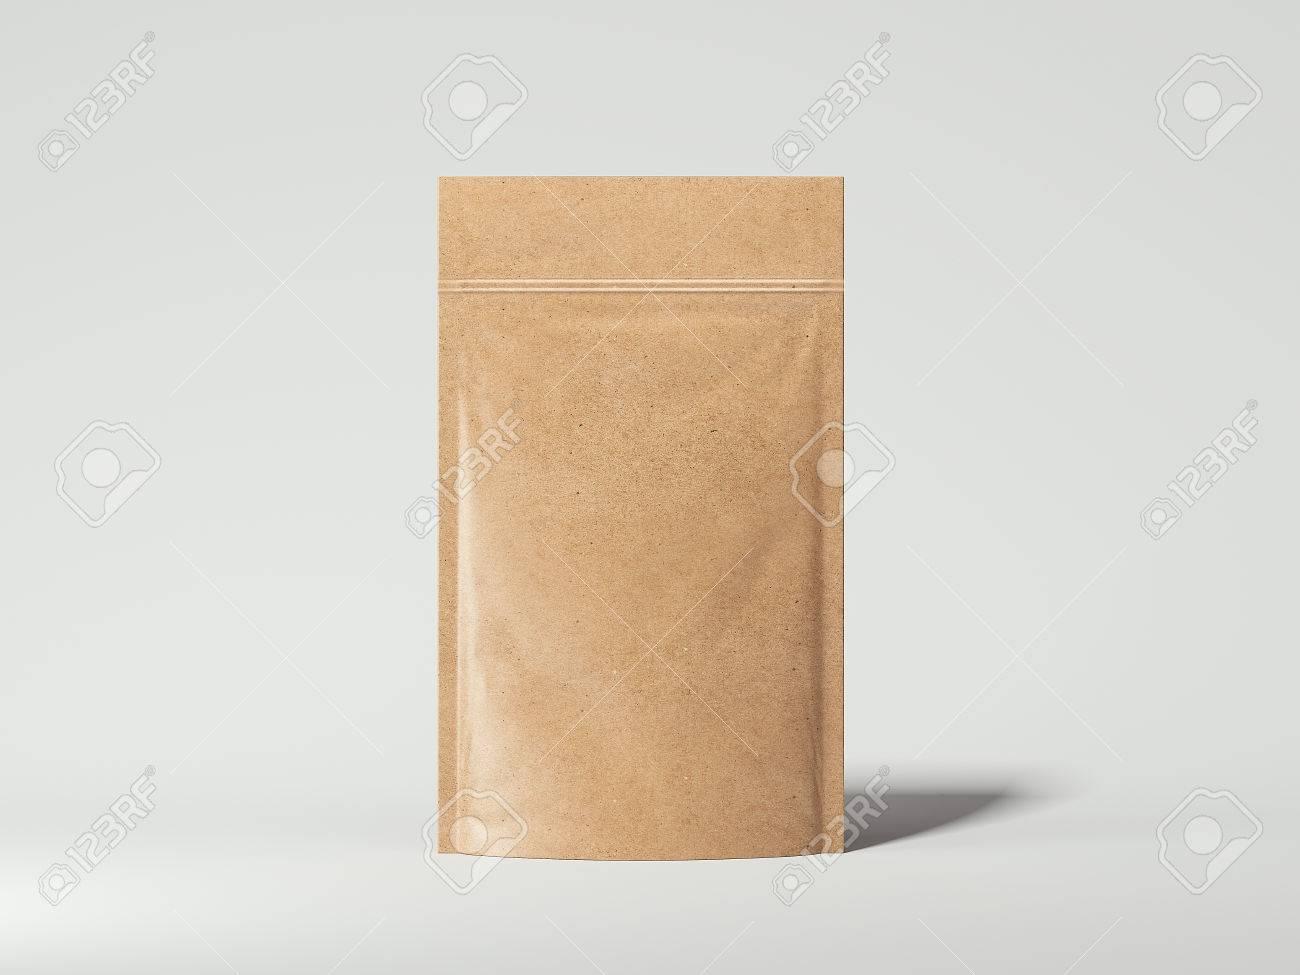 Blank packaging recycled kraft paper bag. 3d rendering - 72189877